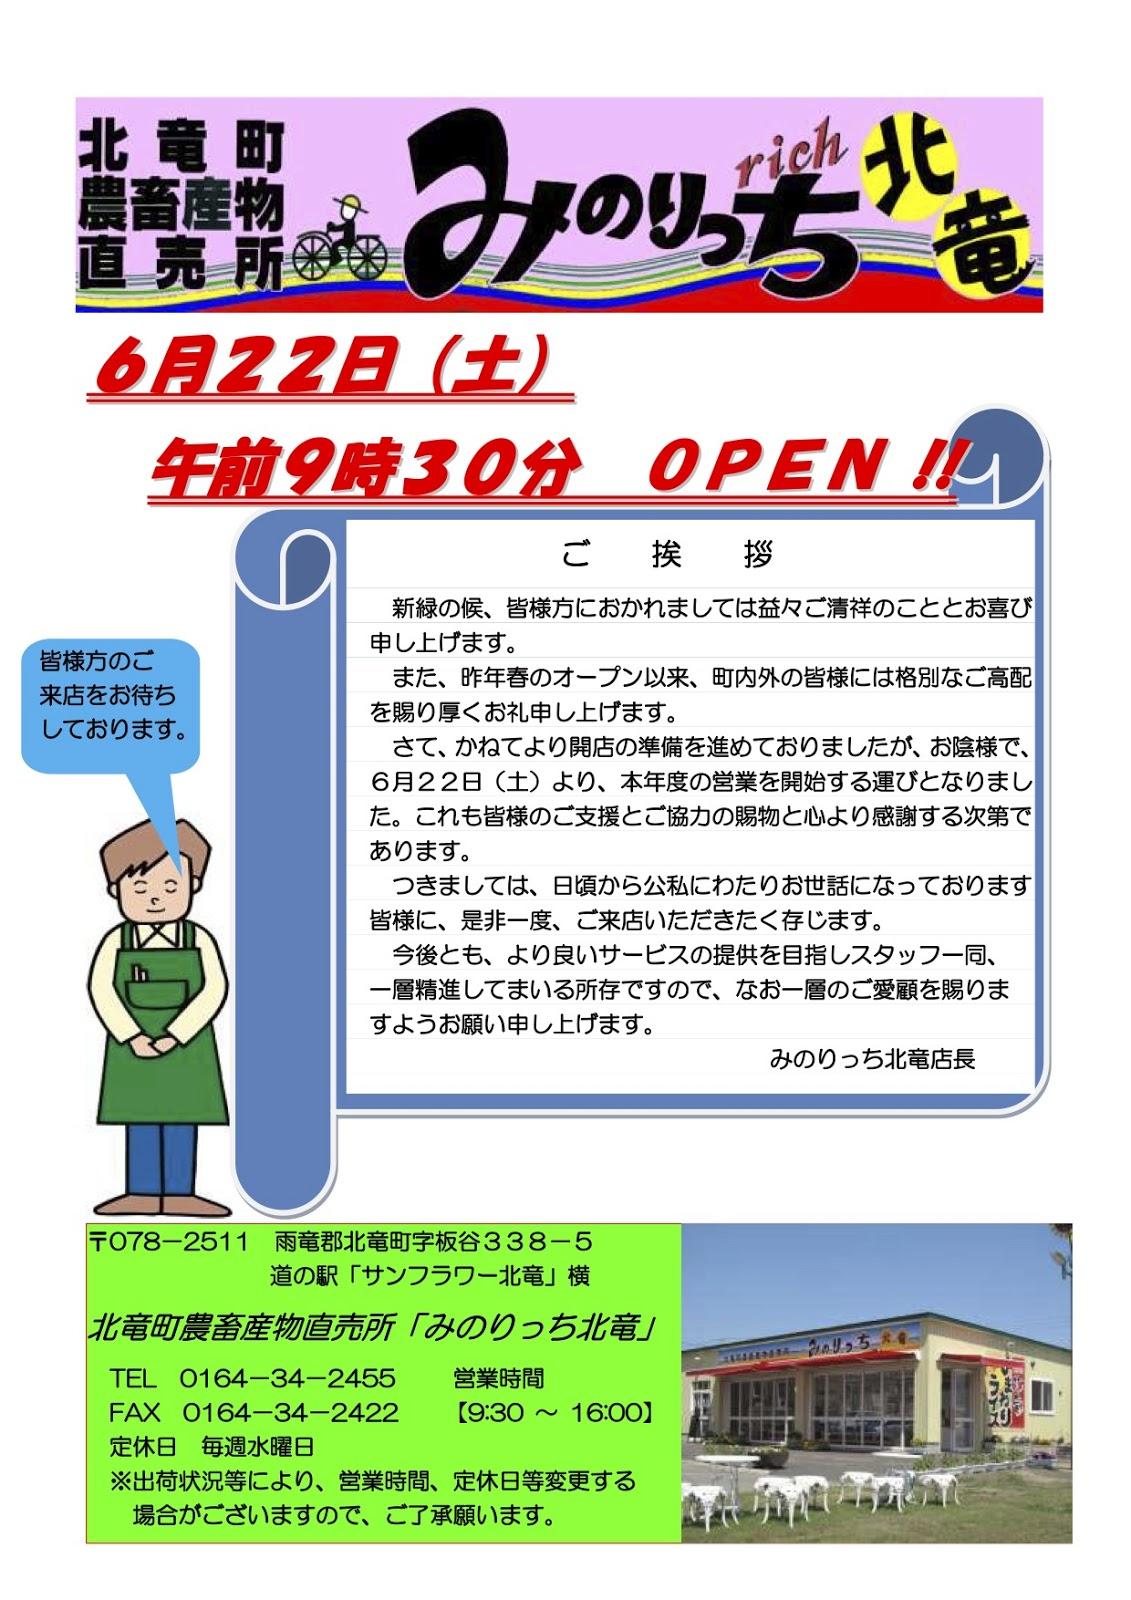 「みのりっち北竜」オープン2013年6月22日